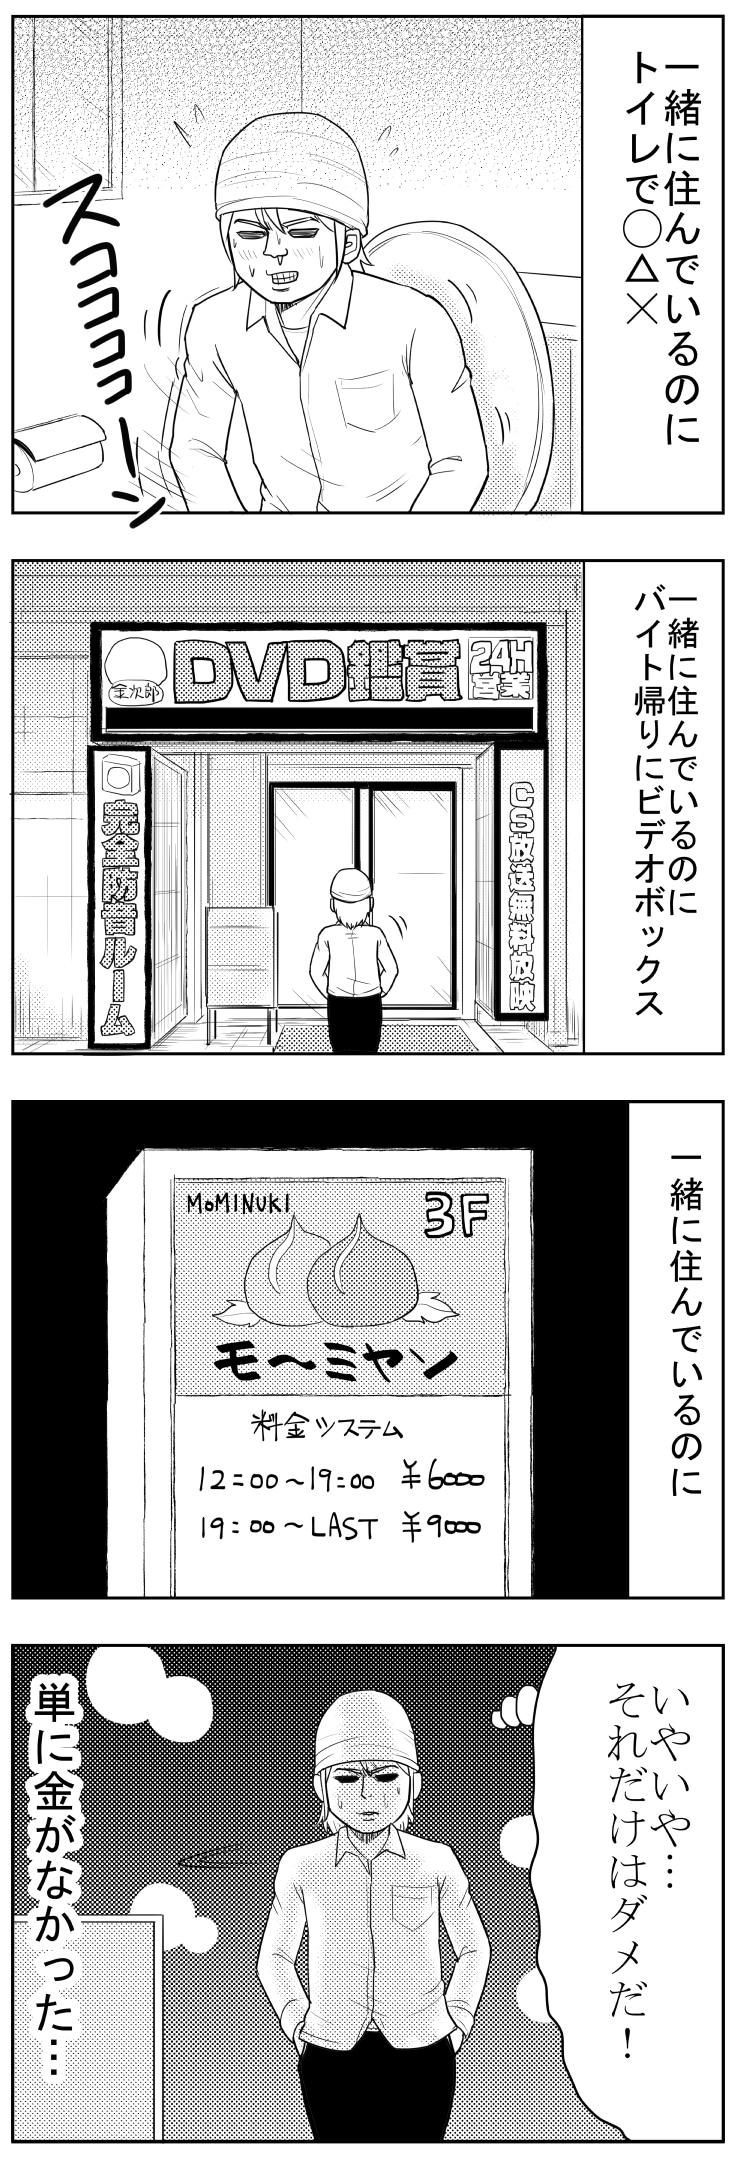 一緒に住んでいるのに・・・【漫画~キヒロの青春】㊻